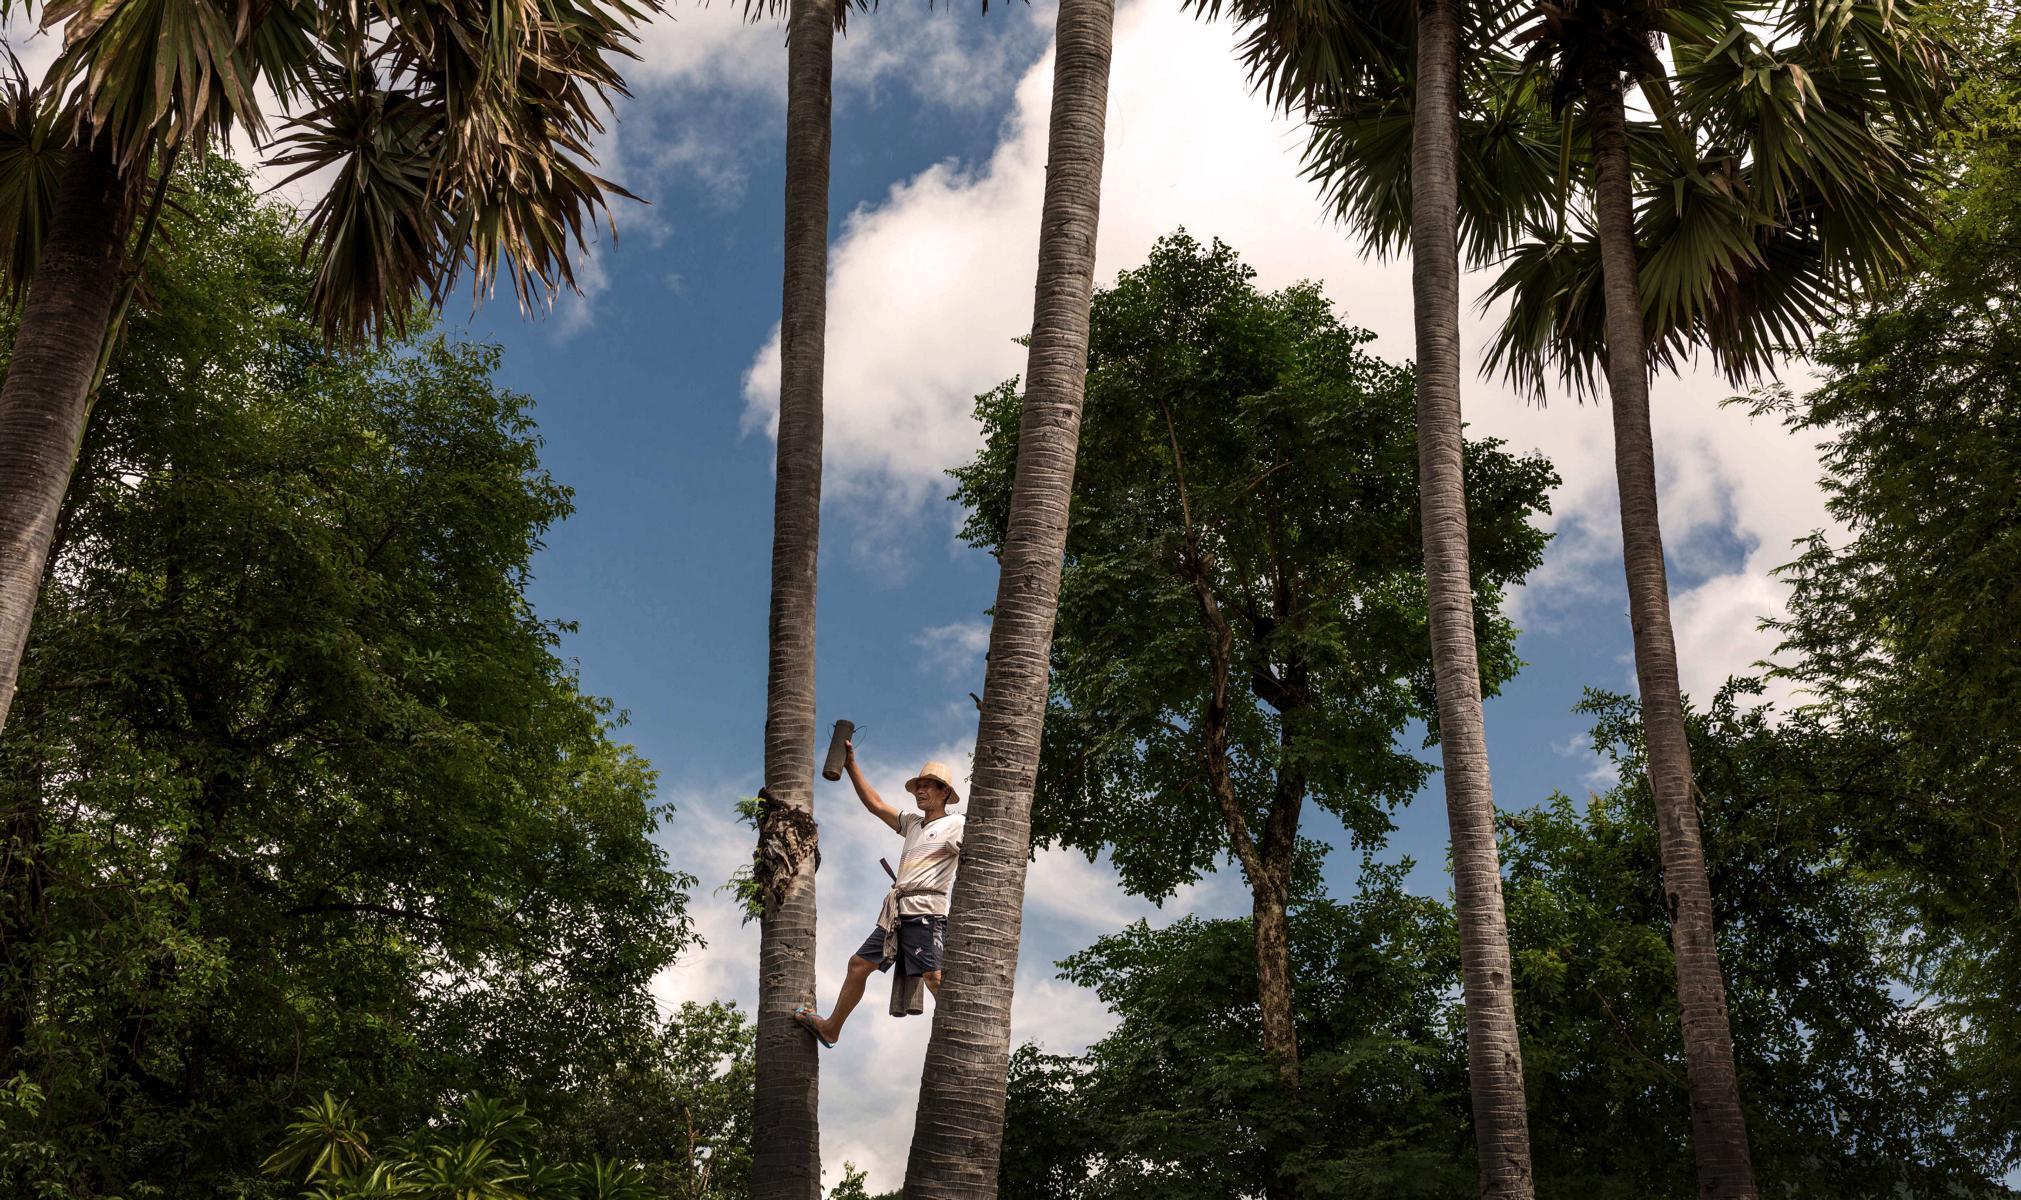 Tagesausflug aufs Land in Kambodscha